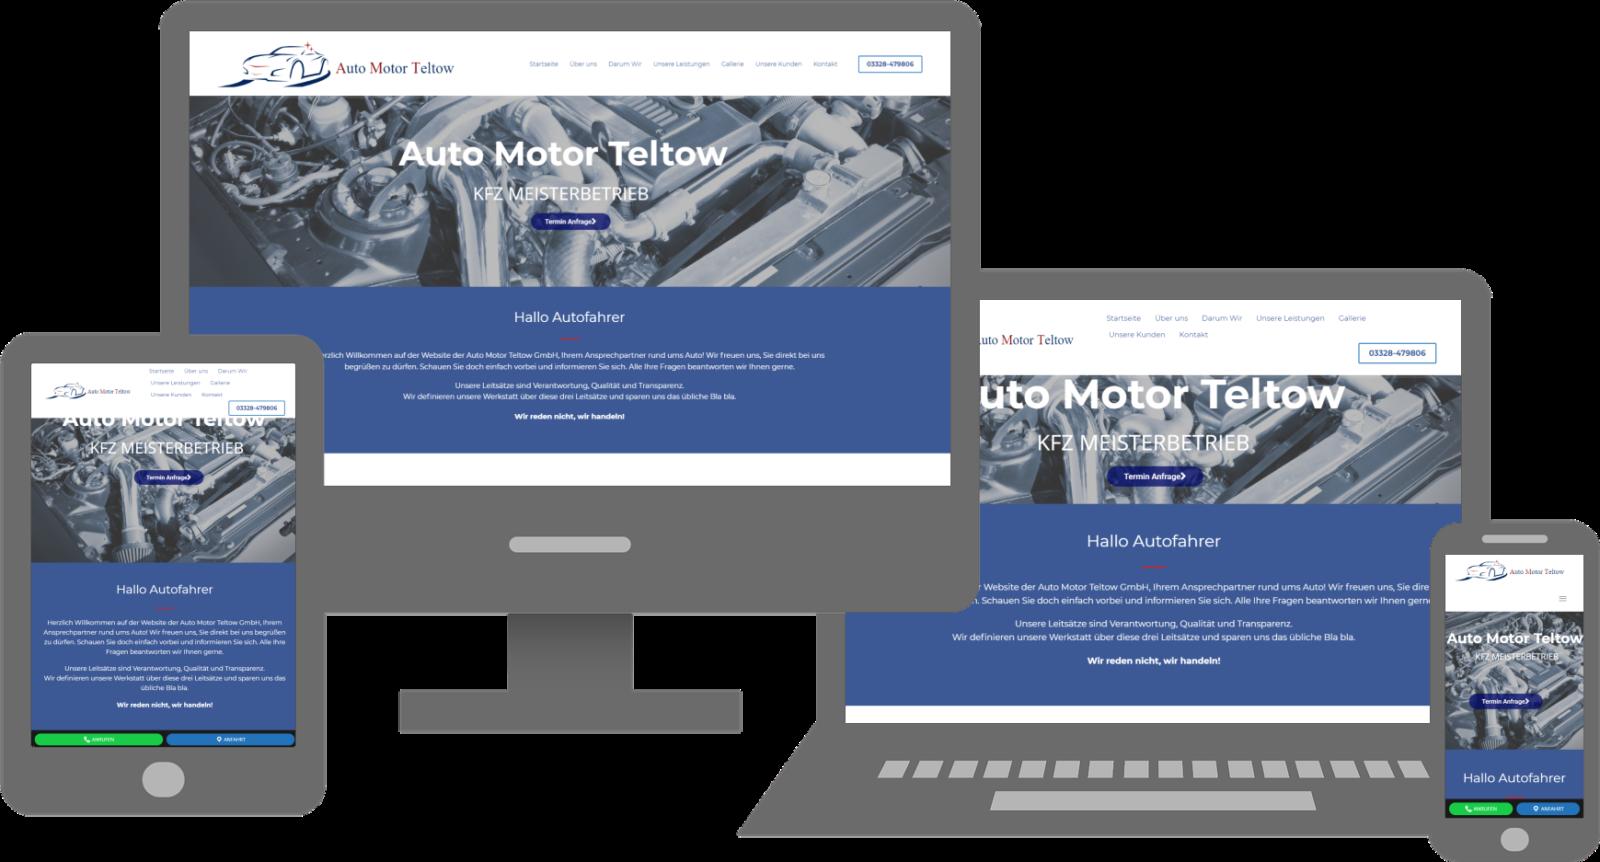 Auto Motor Teltow 1